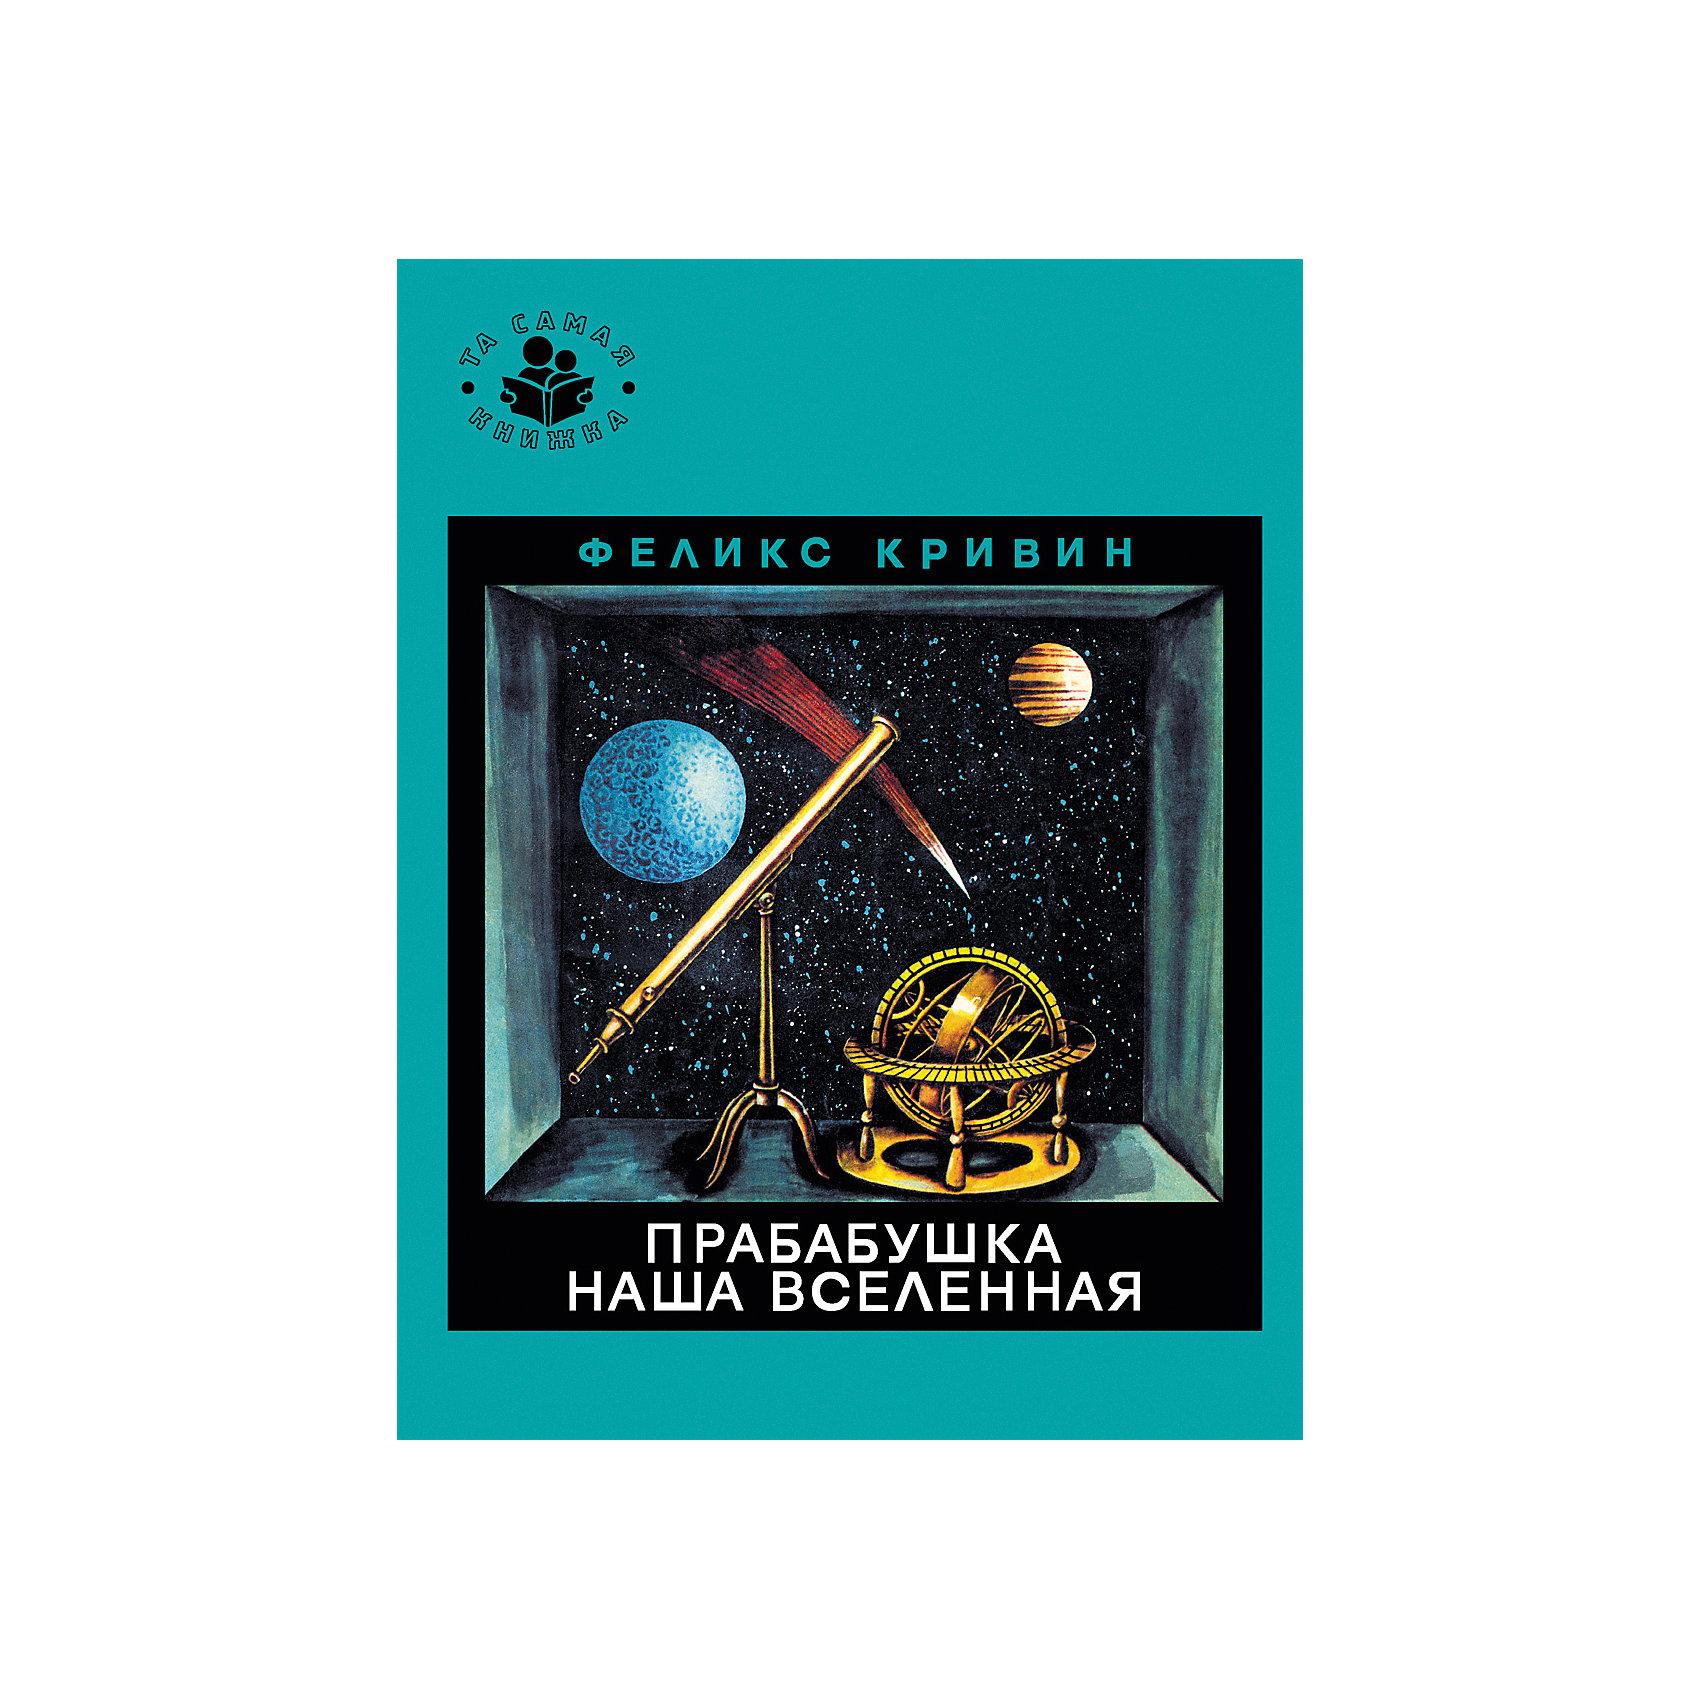 Прабабушка наша ВселеннаяЭнциклопедии для школьников<br>Характеристики товара:<br><br>- цвет: разноцветный;<br>- материал: бумага;<br>- страниц: 24;<br>- формат: 25 х 20 см;<br>- обложка: твердая;<br>- иллюстрации.<br><br>Эта интересная книга с иллюстрациями станет отличным подарком для ребенка. Она содержит в себе ответы на вопросы, которые интересуют малышей. Всё представлено в очень простой форме! Талантливый иллюстратор дополнил книгу качественными рисунками, которые помогают ребенку понять суть многих вещей в нашем мире. Удивительные и интересные факты помогут привить любовь к учебе!<br>Чтение - отличный способ активизации мышления, оно помогает ребенку развивать зрительную память, концентрацию внимания и воображение. Издание произведено из качественных материалов, которые безопасны даже для самых маленьких.<br><br>Книгу Прабабушка наша Вселенная от компании Росмэн можно купить в нашем интернет-магазине.<br><br>Ширина мм: 255<br>Глубина мм: 205<br>Высота мм: 3<br>Вес г: 80<br>Возраст от месяцев: 60<br>Возраст до месяцев: 84<br>Пол: Унисекс<br>Возраст: Детский<br>SKU: 5109926